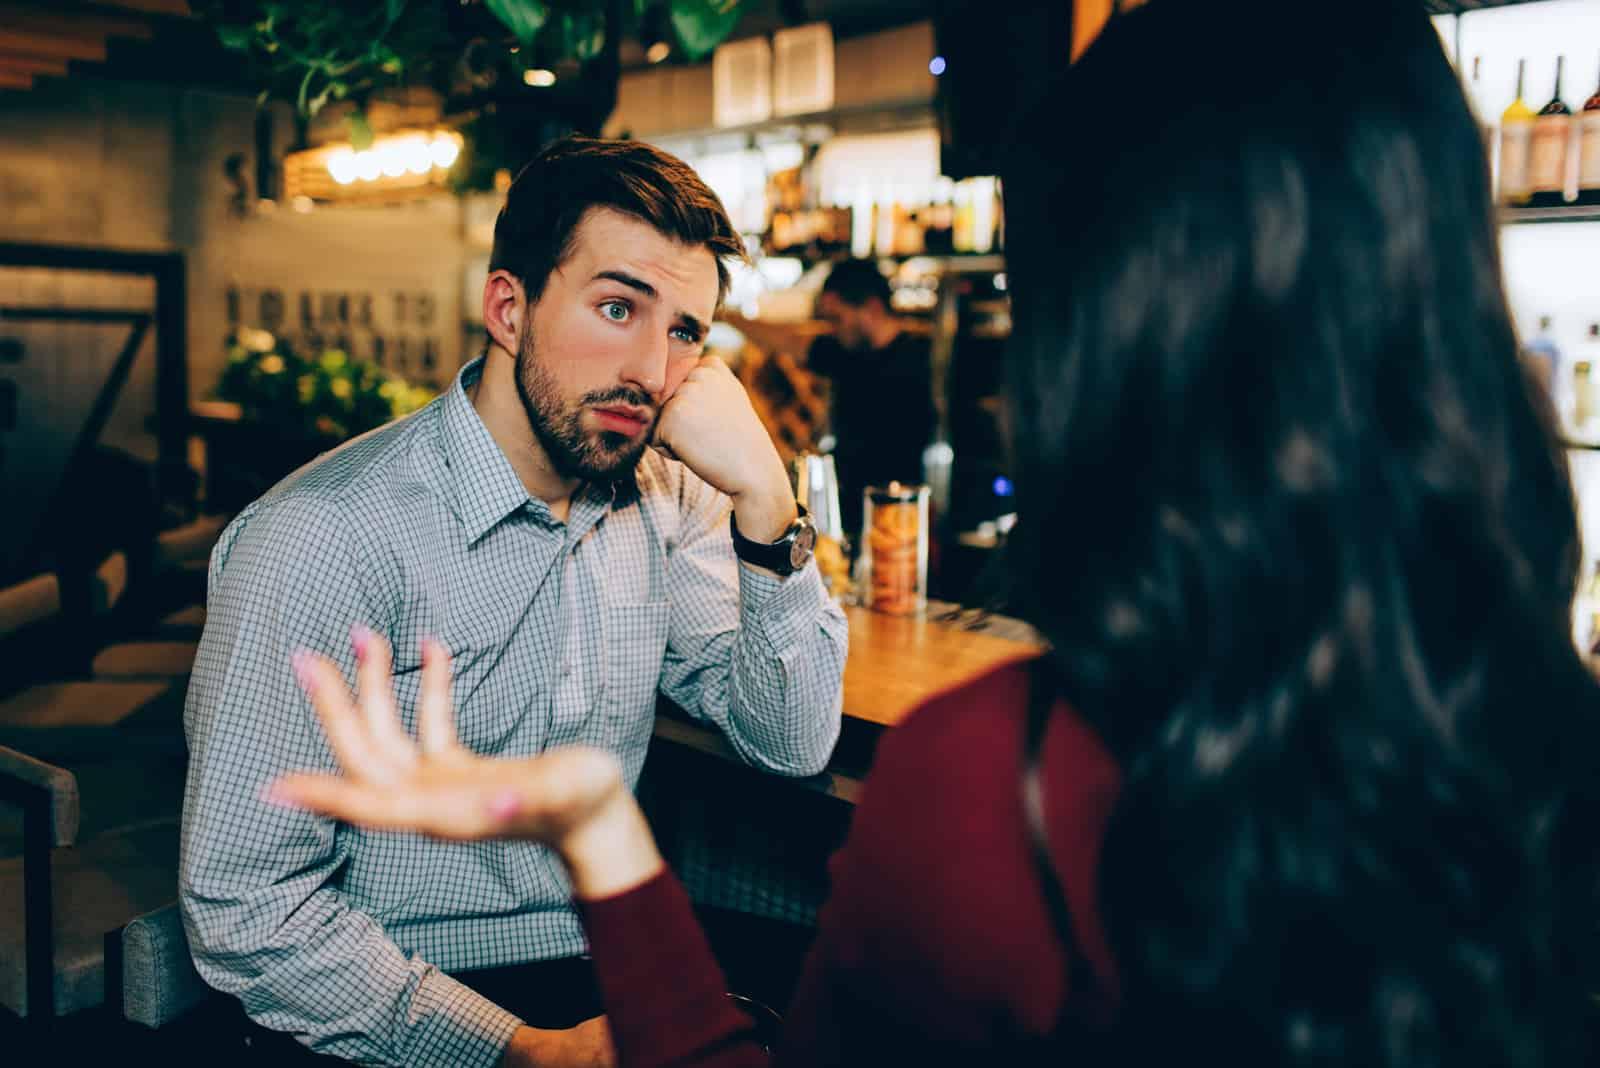 l'homme regarde la femme avec confusion